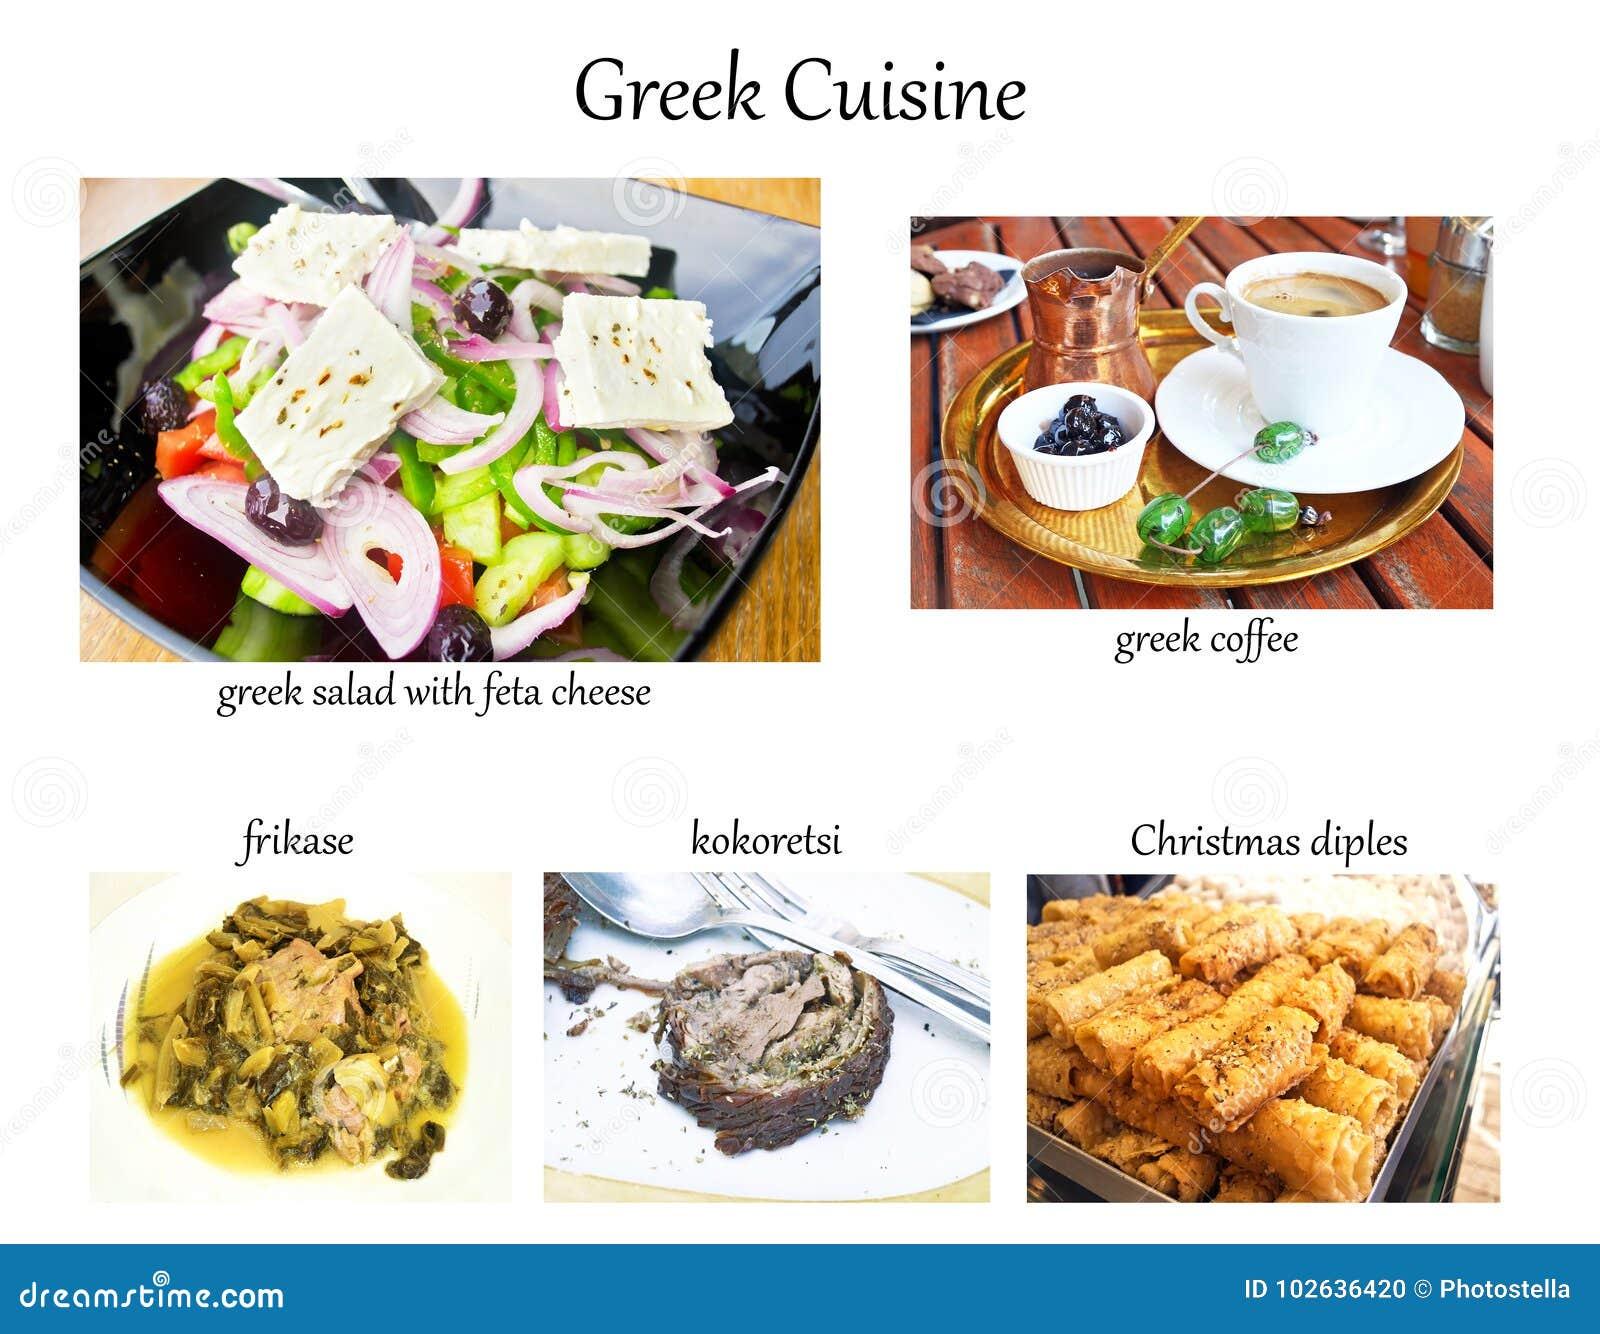 Коллаж с греческой кухней - кофе, салат, frikase, kokoretsi, diples рождества